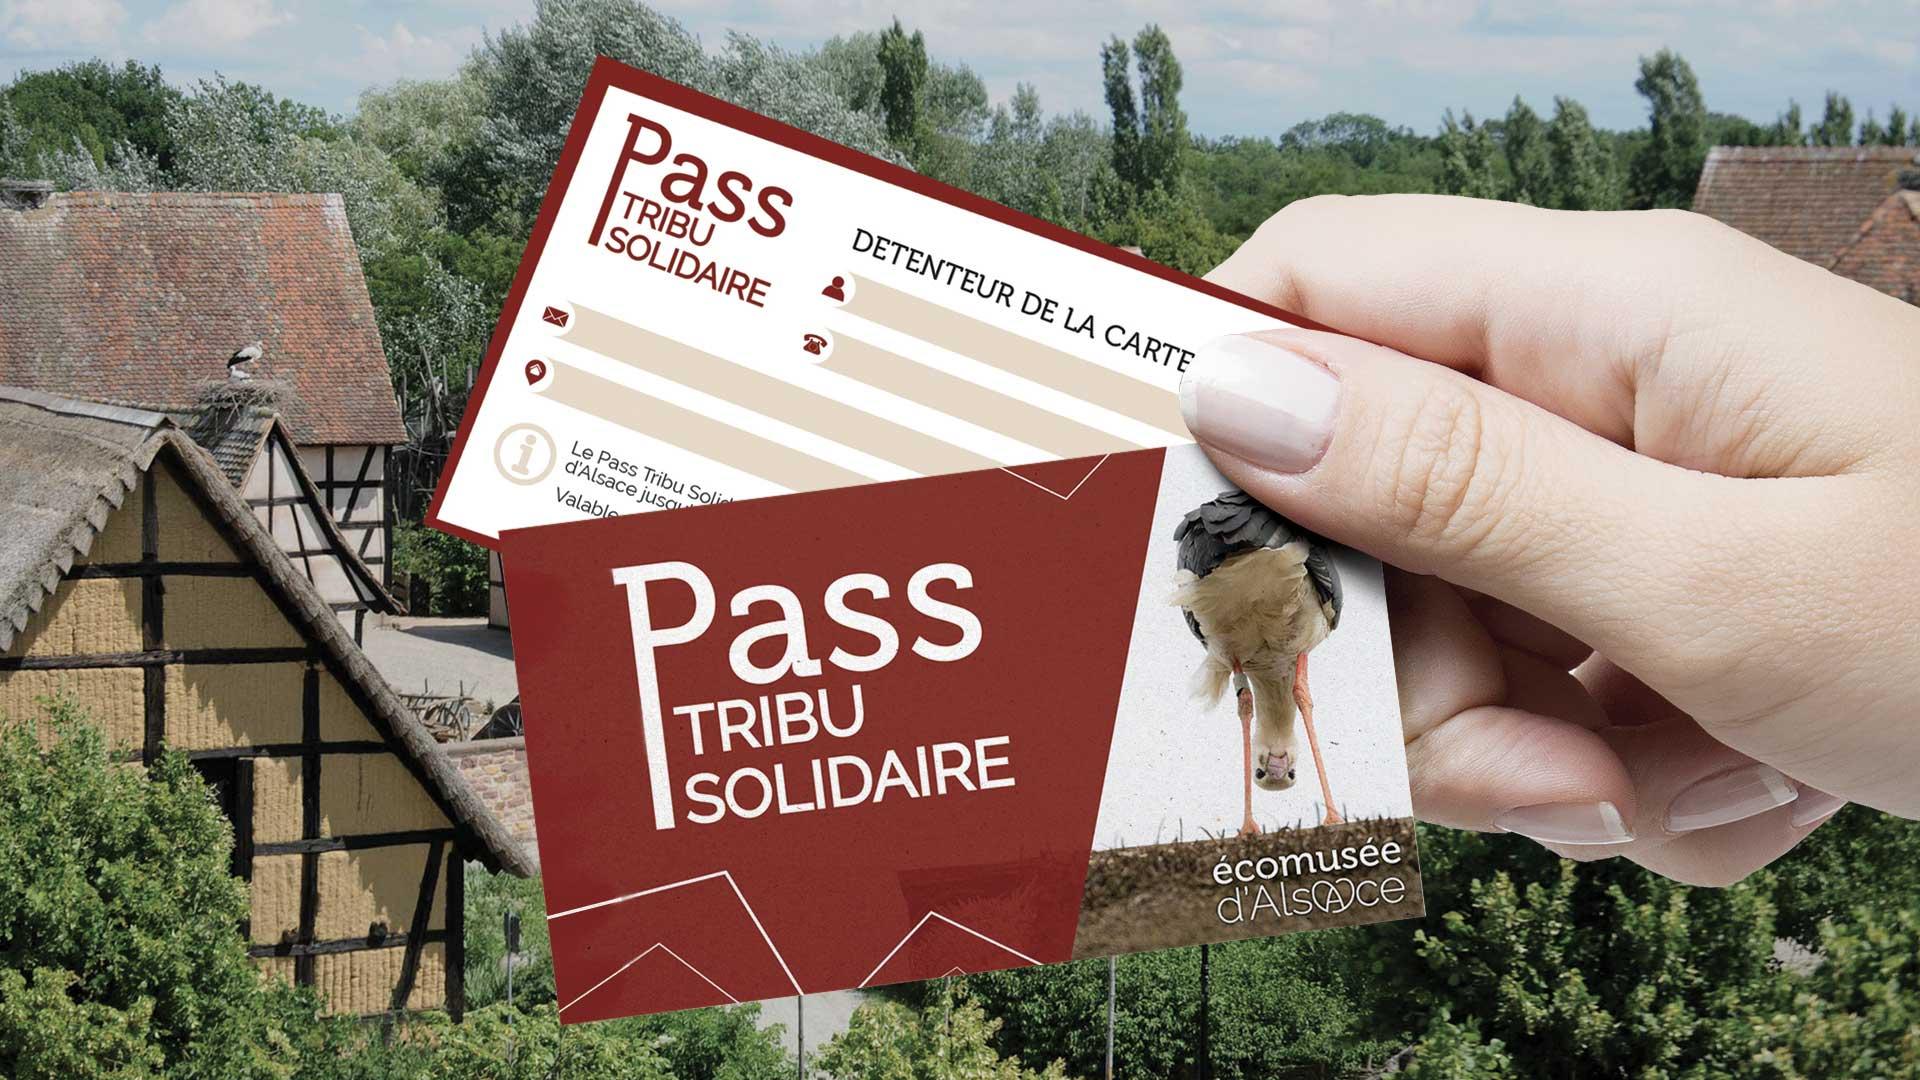 Soutenons l'Ecomusée avec le pass tribu solidaire !